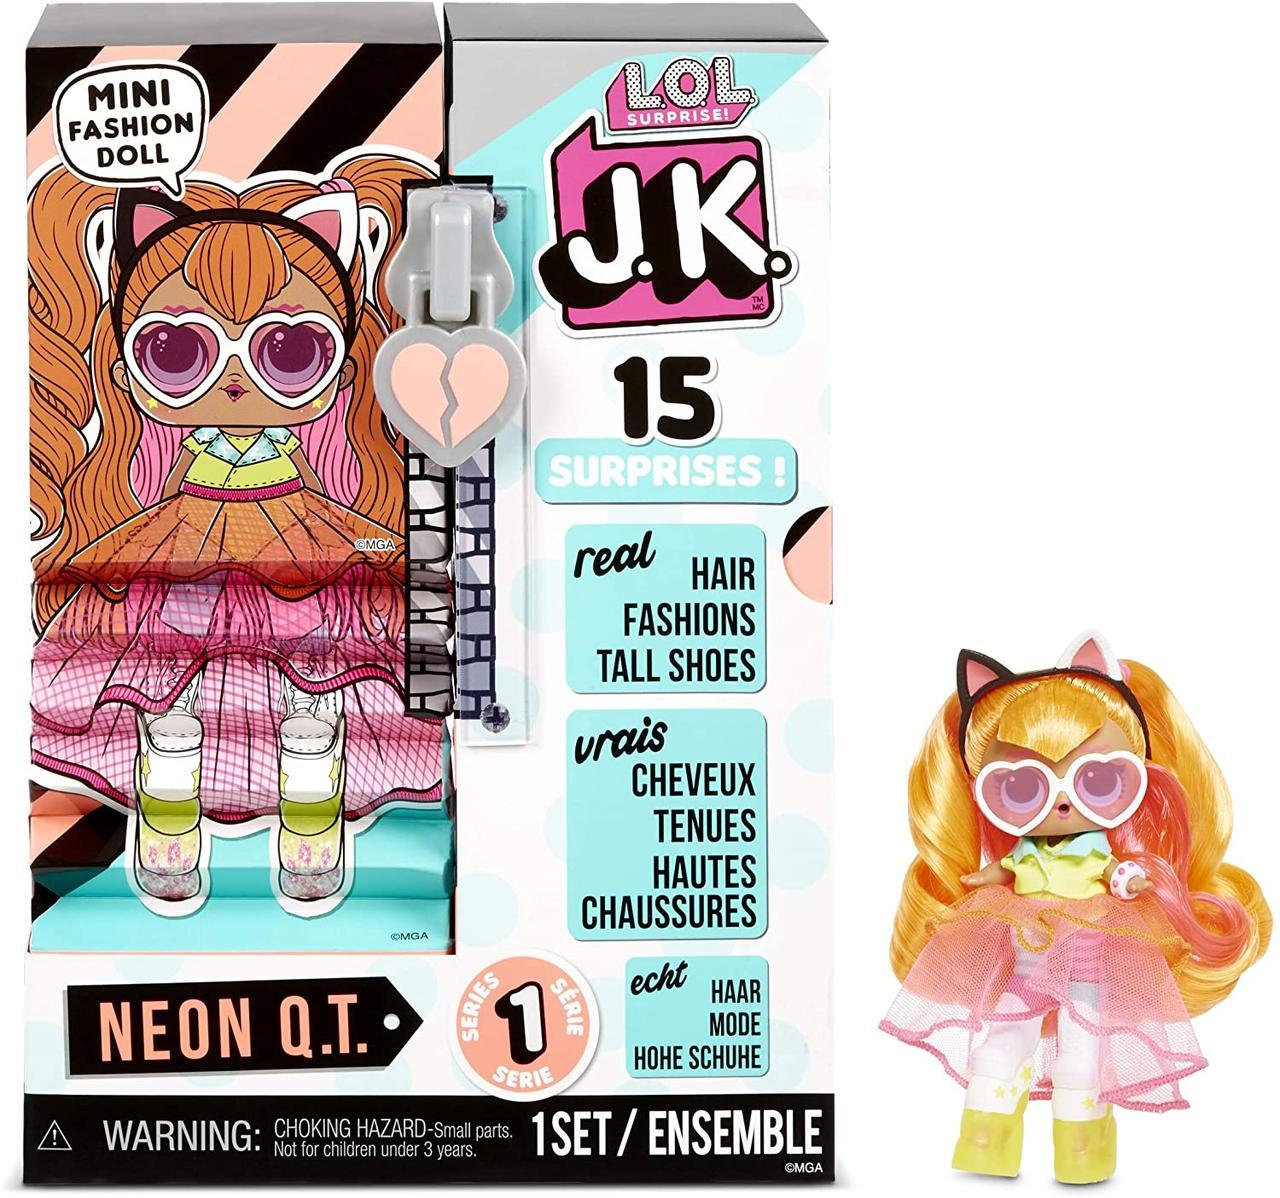 Миниатюрная Кукла ЛОЛ Сюрприз из серии J.K. Оригинал (570776E7C)